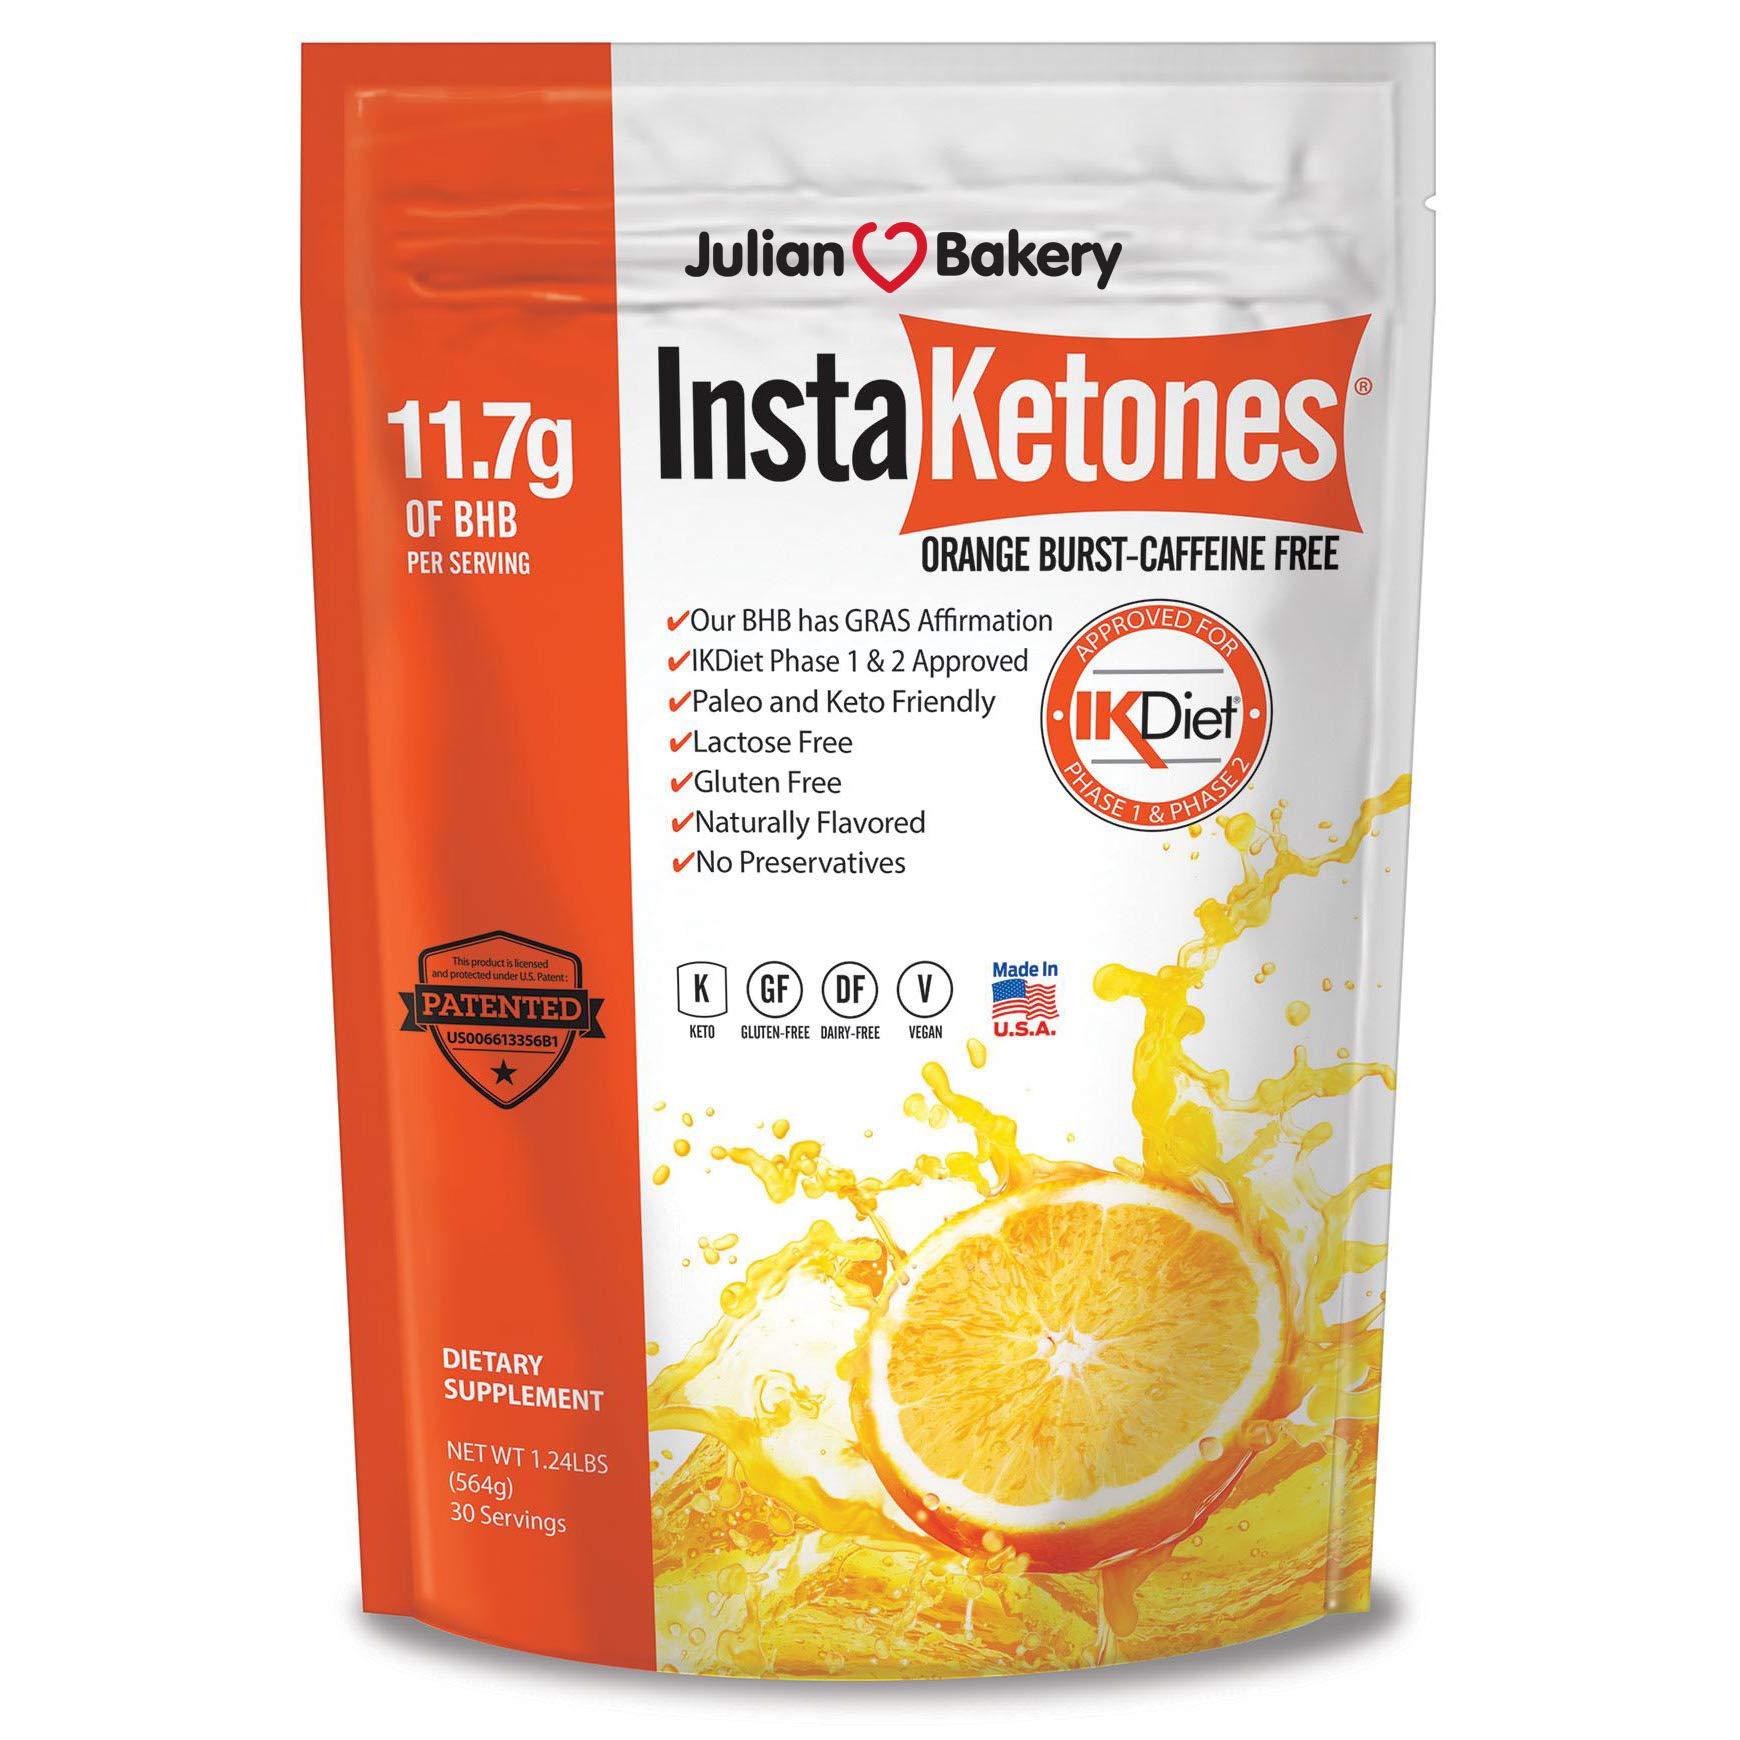 InstaKetones Orange Burst 11.7g GoBHB Per Scoop (Caffeine Free) (30 Servings) Exogenous Ketones 1.24 lbs by Julian Bakery